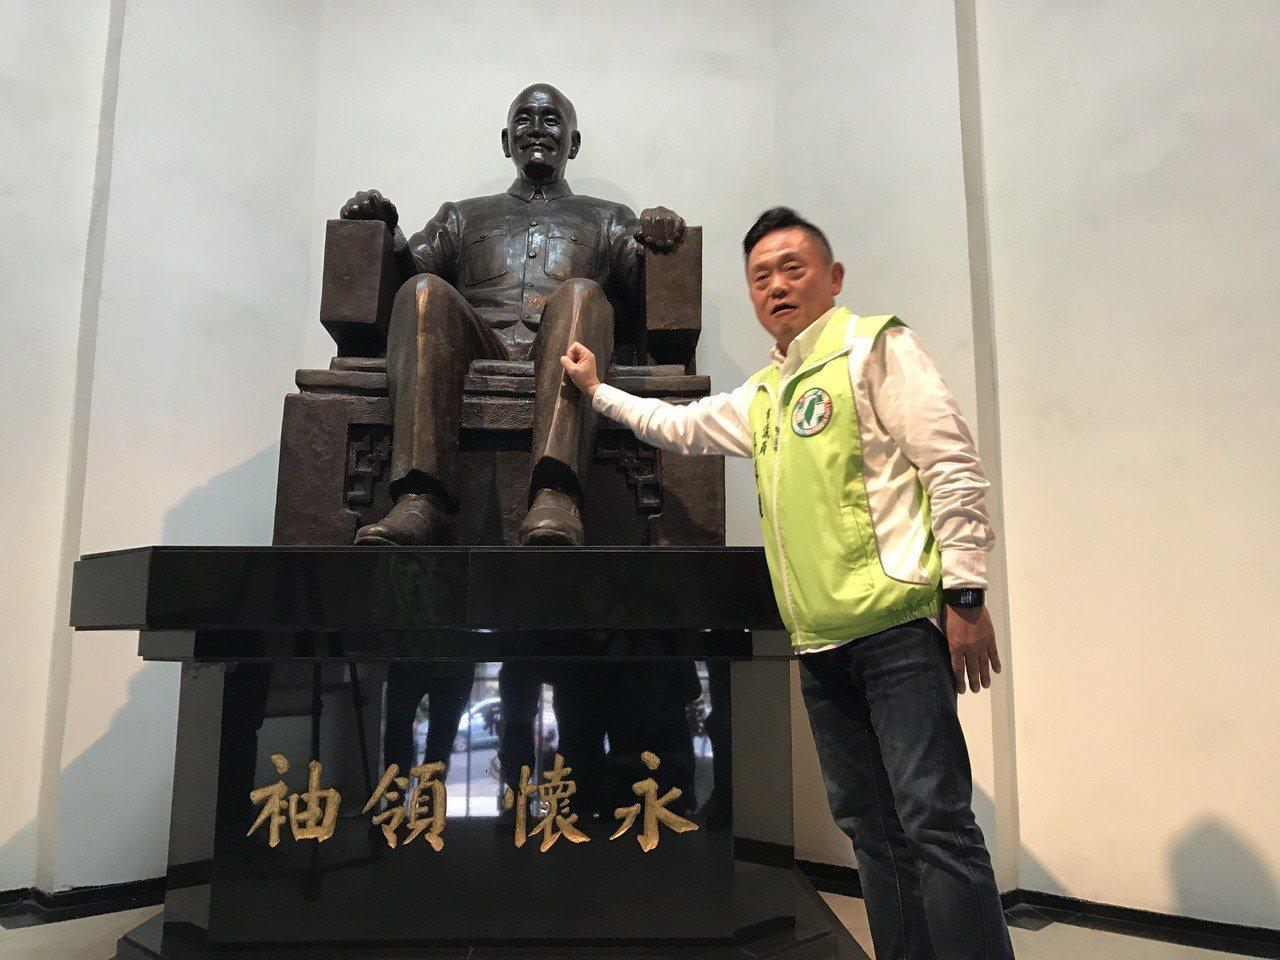 基隆市議員游祥耀,要求基隆市警局把蔣公銅像移除。記者吳淑君/攝影